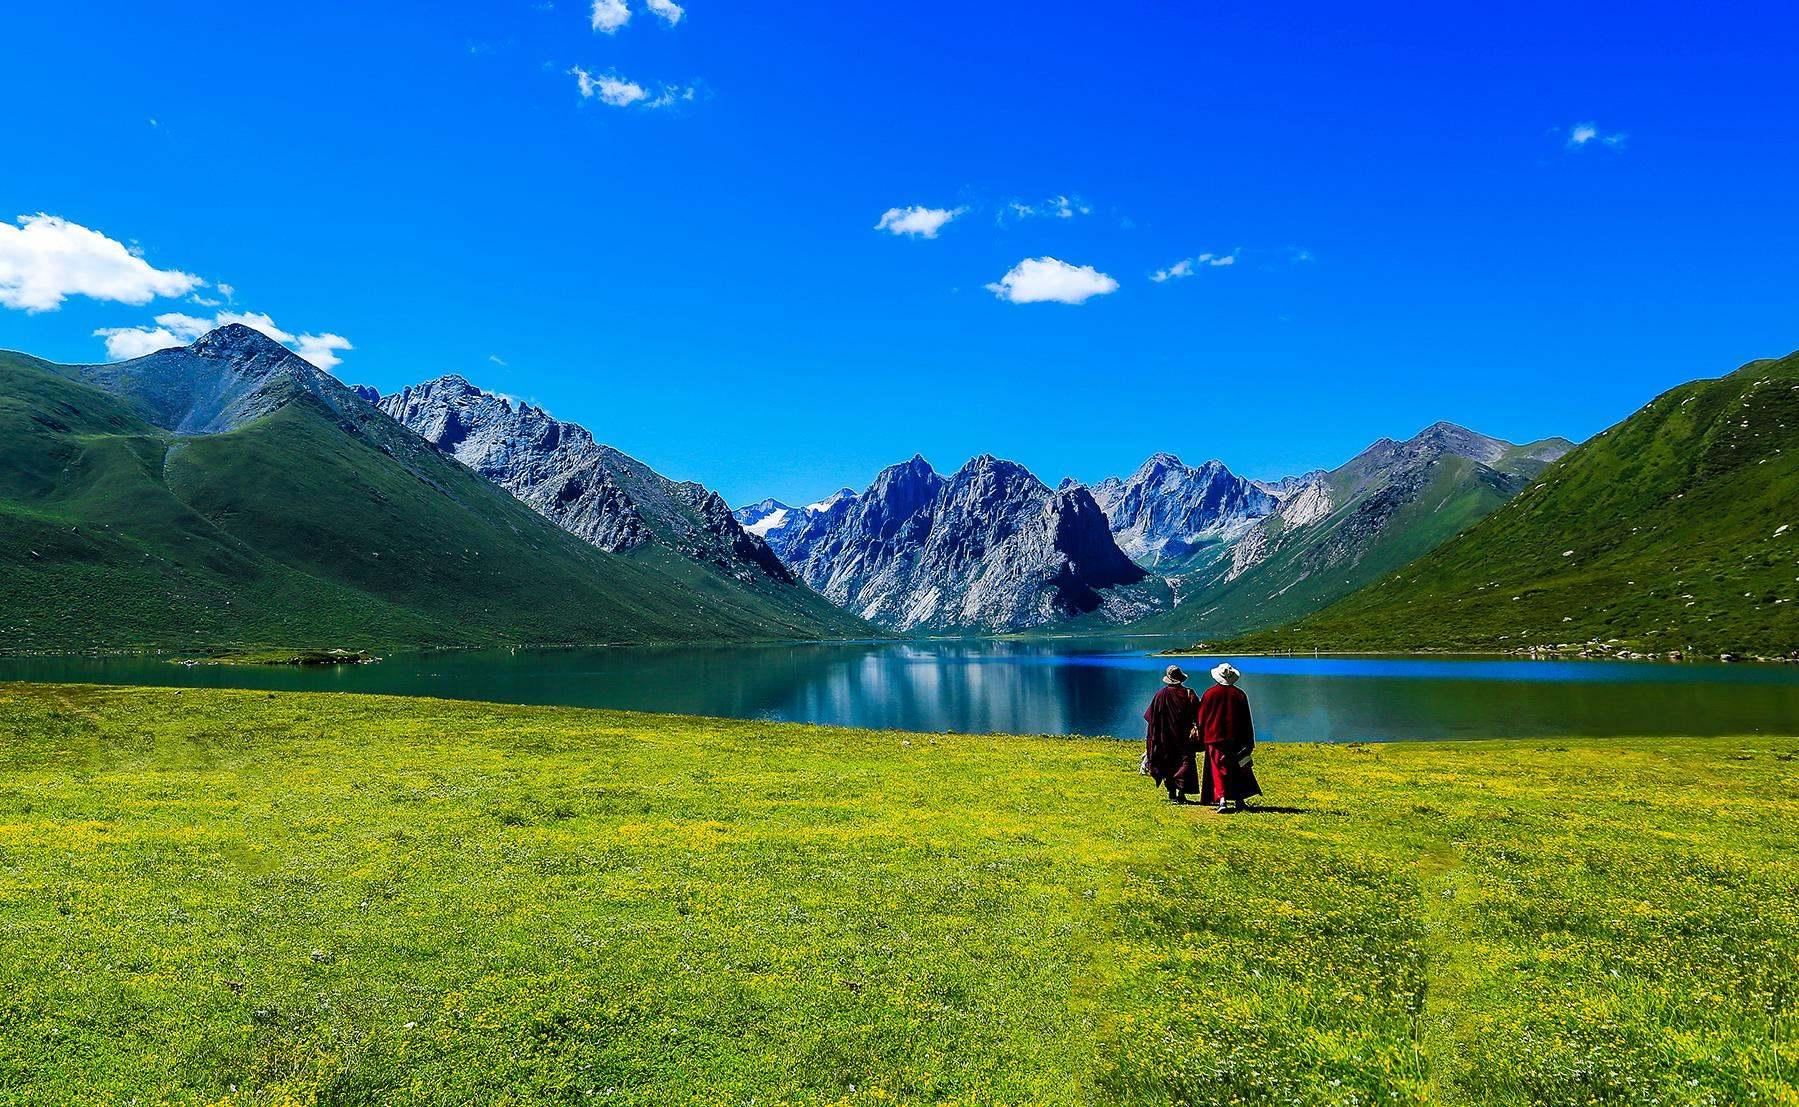 年宝玉则最美花季徒步穿越 仙女湖 妖女湖 上下日干措 天神的后花园6日活动